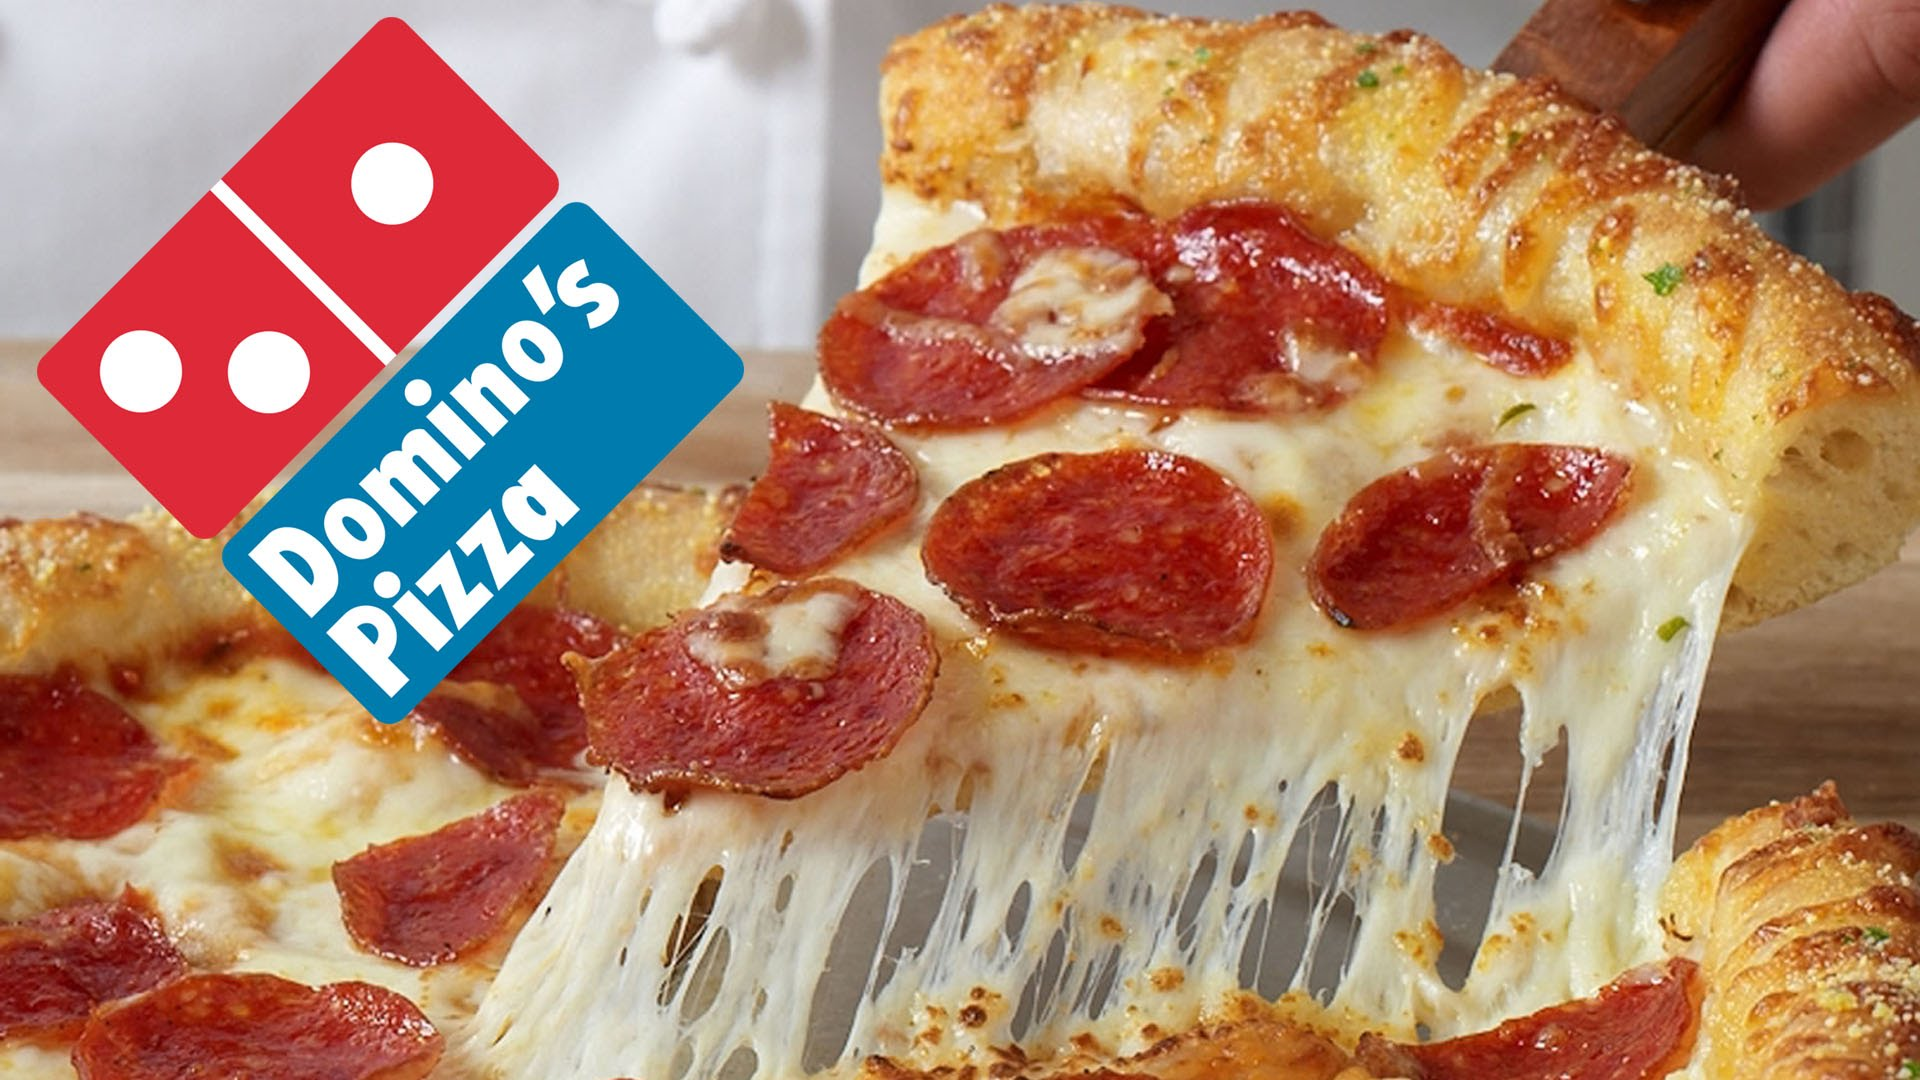 Promo Domino Pizza Indonesia 31 Off November 2020 Diskonaja